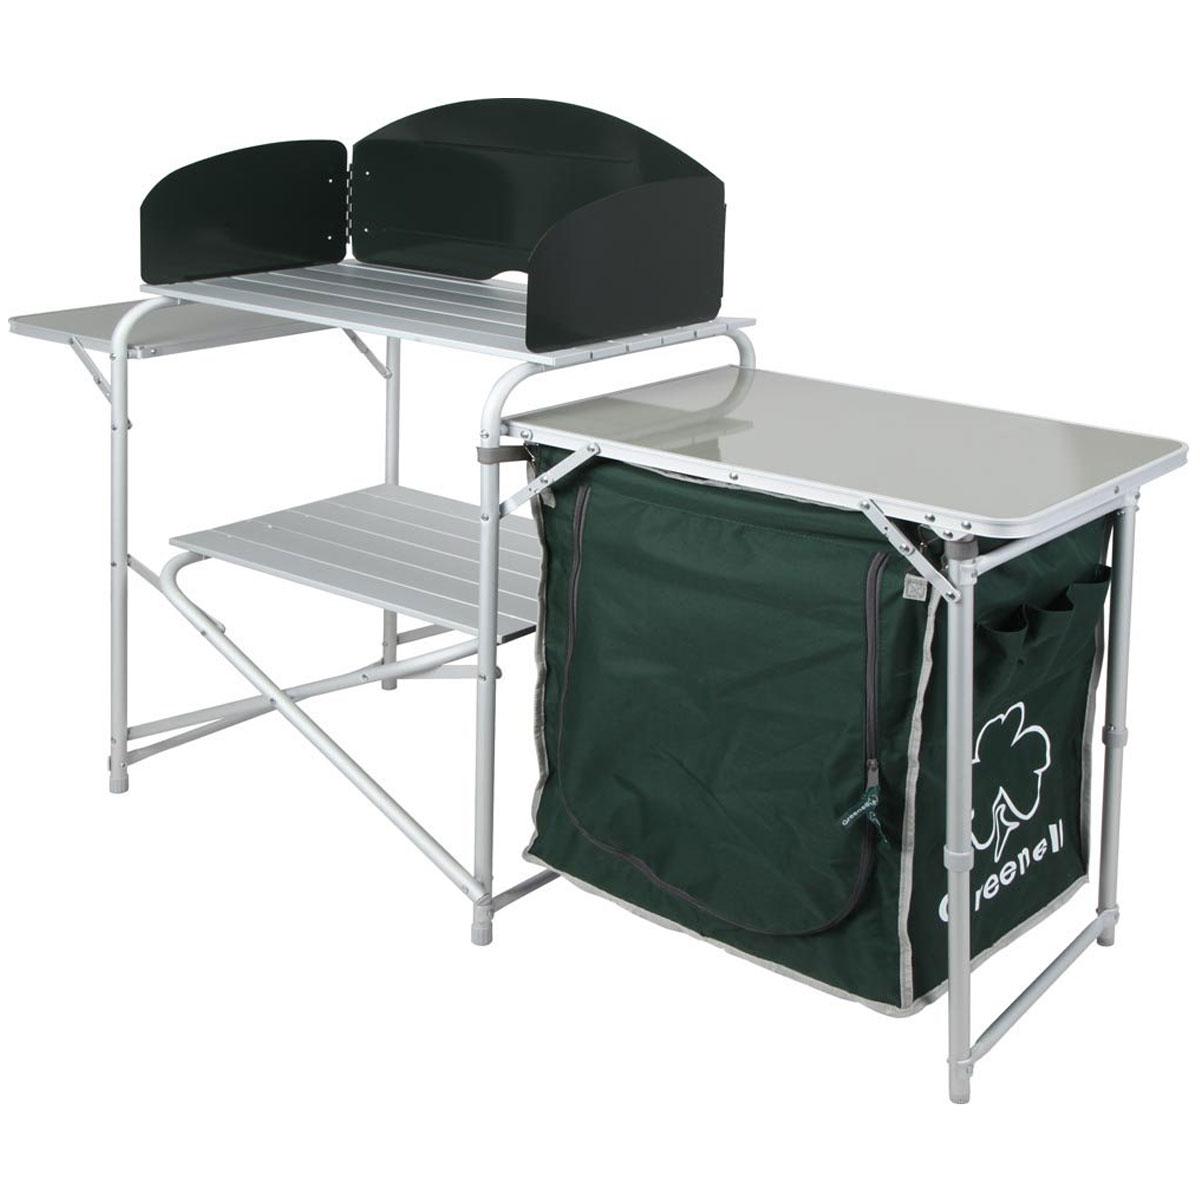 Стол кухонный складной Greenell FT-7KR95226-303-00Складной кухонный стол - незаменимая вещь для отдыха на даче или выходных на природе. Готовить пищу превращается в приятный отдых, когда все под рукой, даже в походных условиях. Каждый любитель отдыха на свежем воздухе оценит практичность складного стола FT-7KR от Greenell.